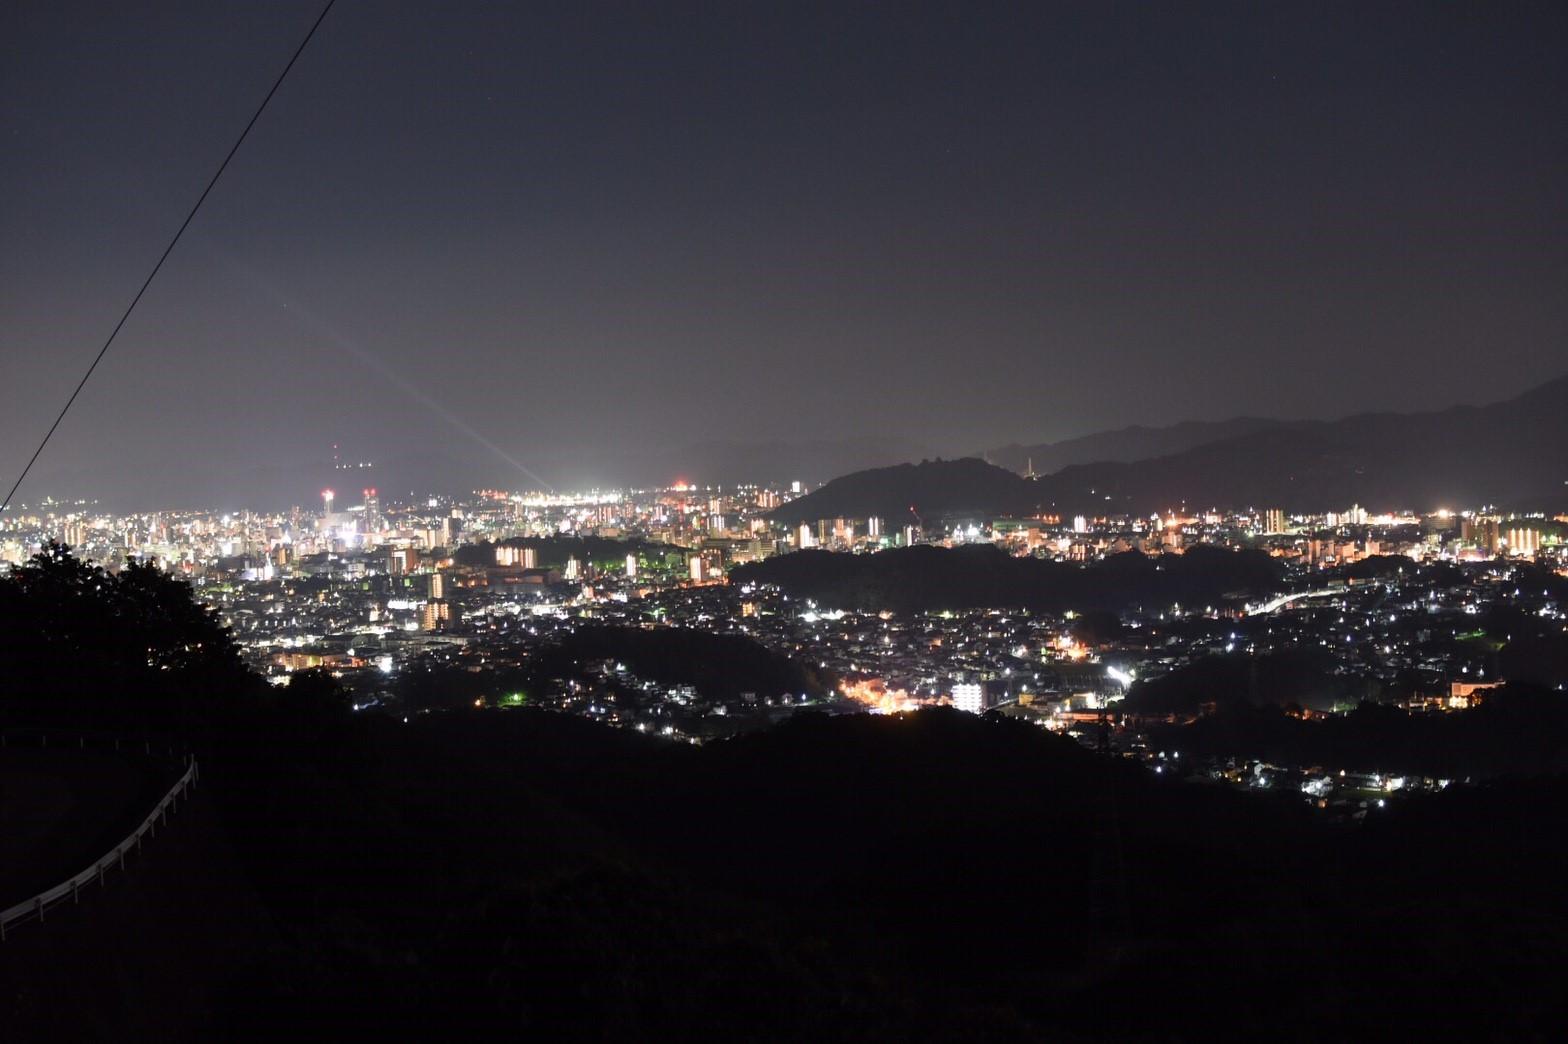 高知市内を一望できる絶景夜景スポット 「鴻ノ森」